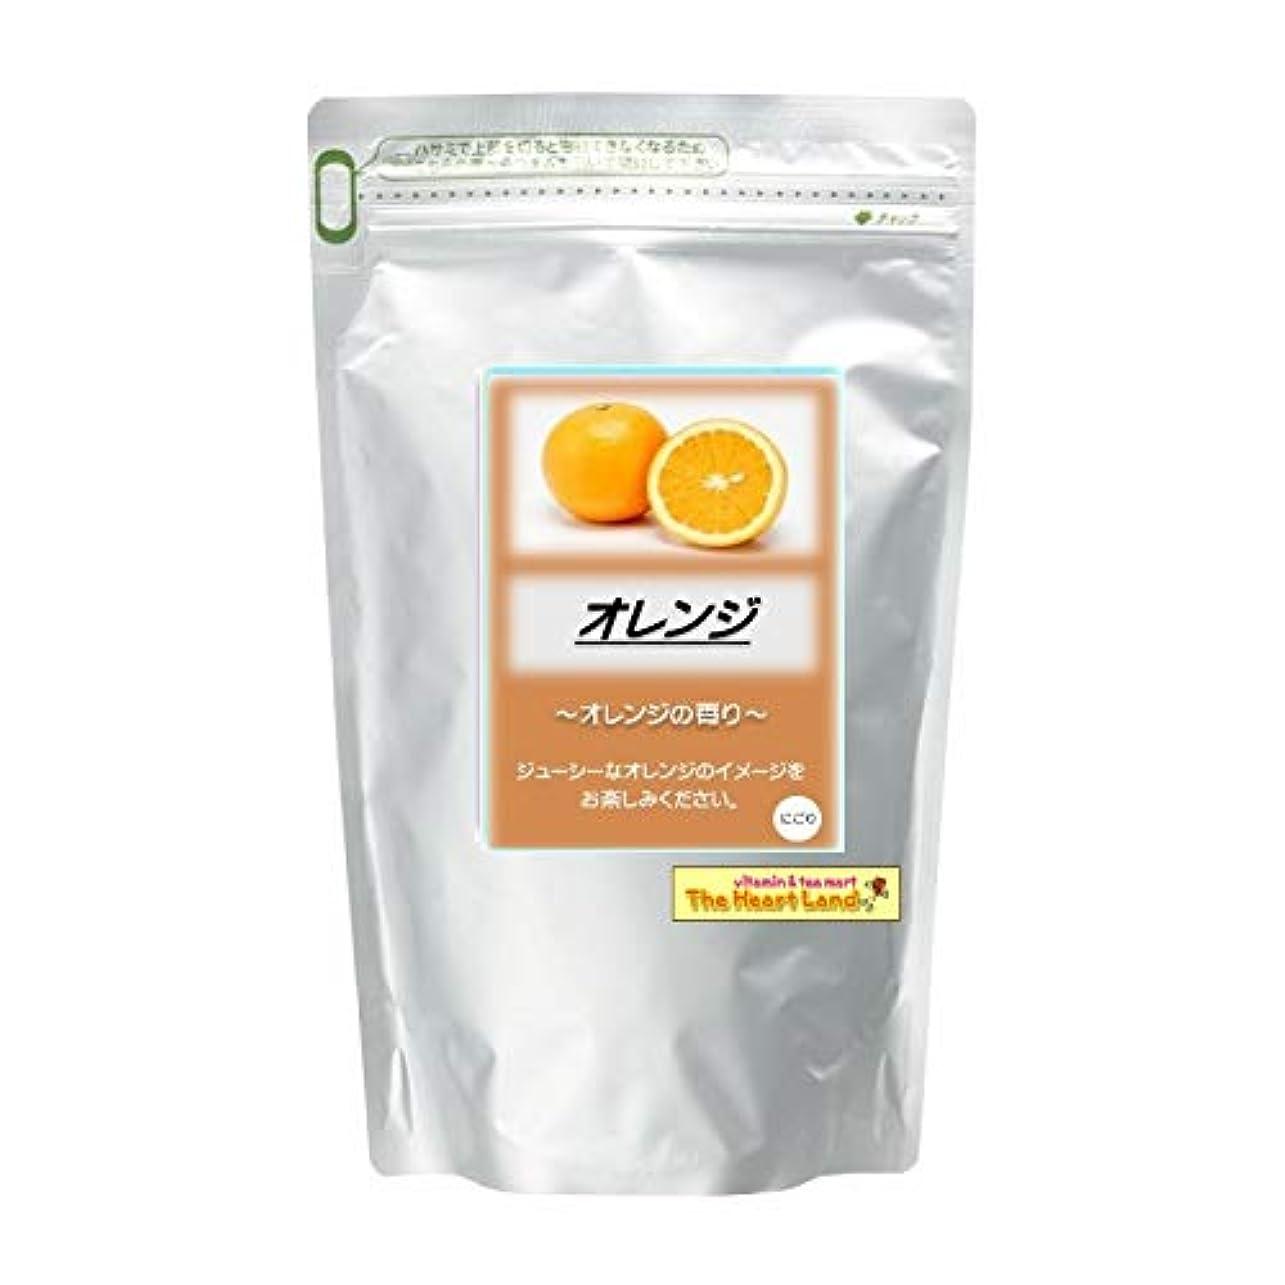 構造的修正時間アサヒ入浴剤 浴用入浴化粧品 オレンジ 300g